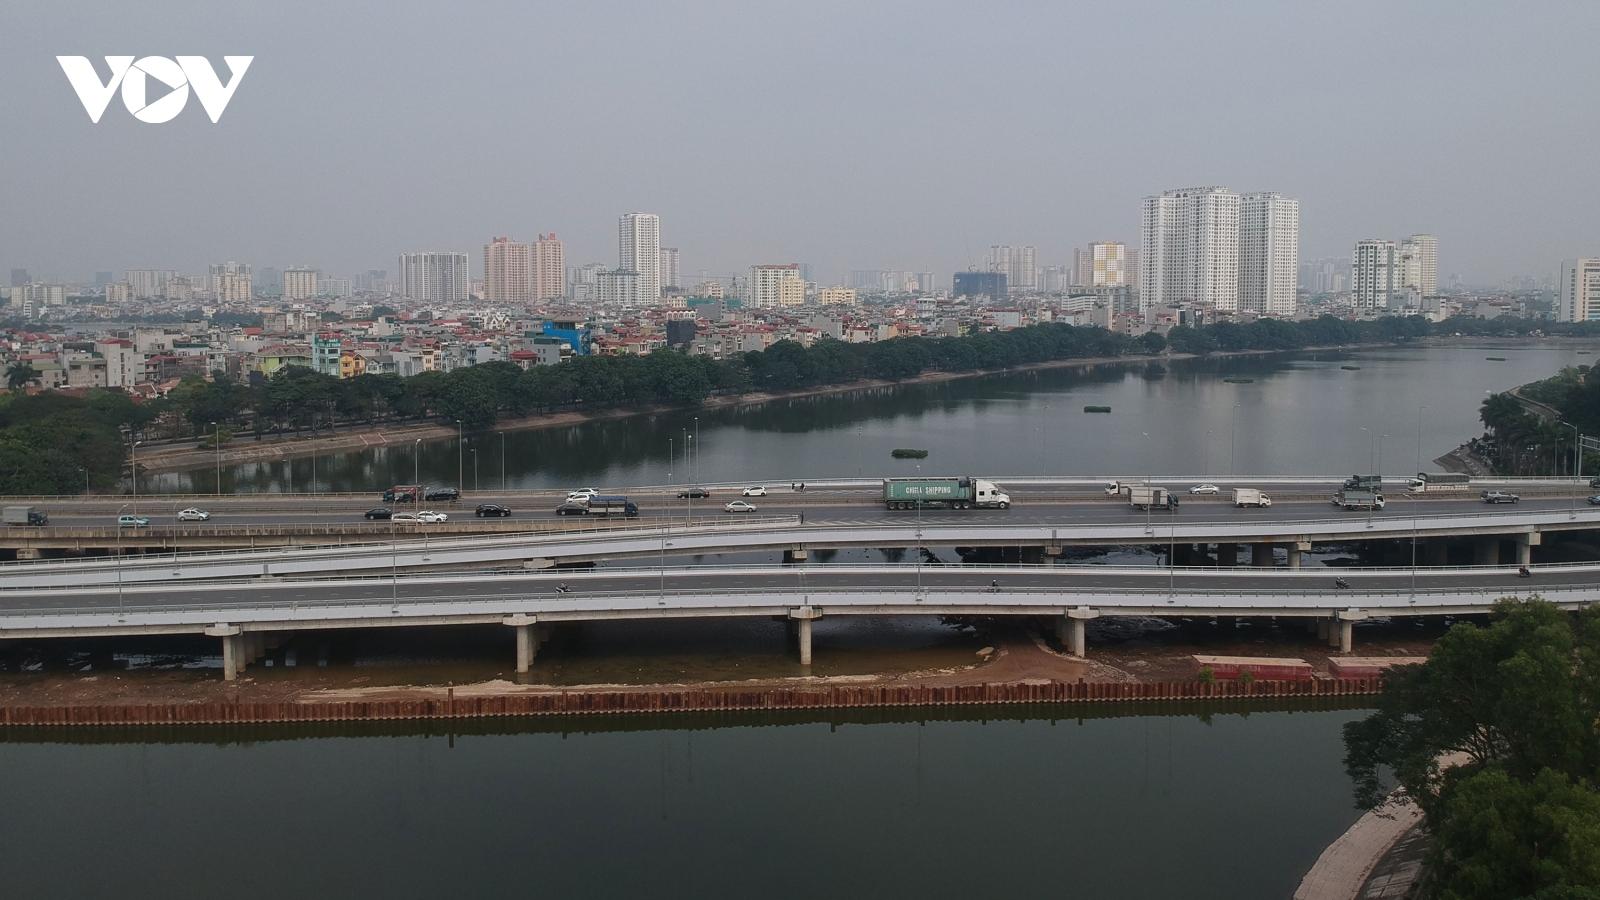 Dấu ấn những công trình tạo diện mạo mới cho Thủ đô Hà Nội năm 2020